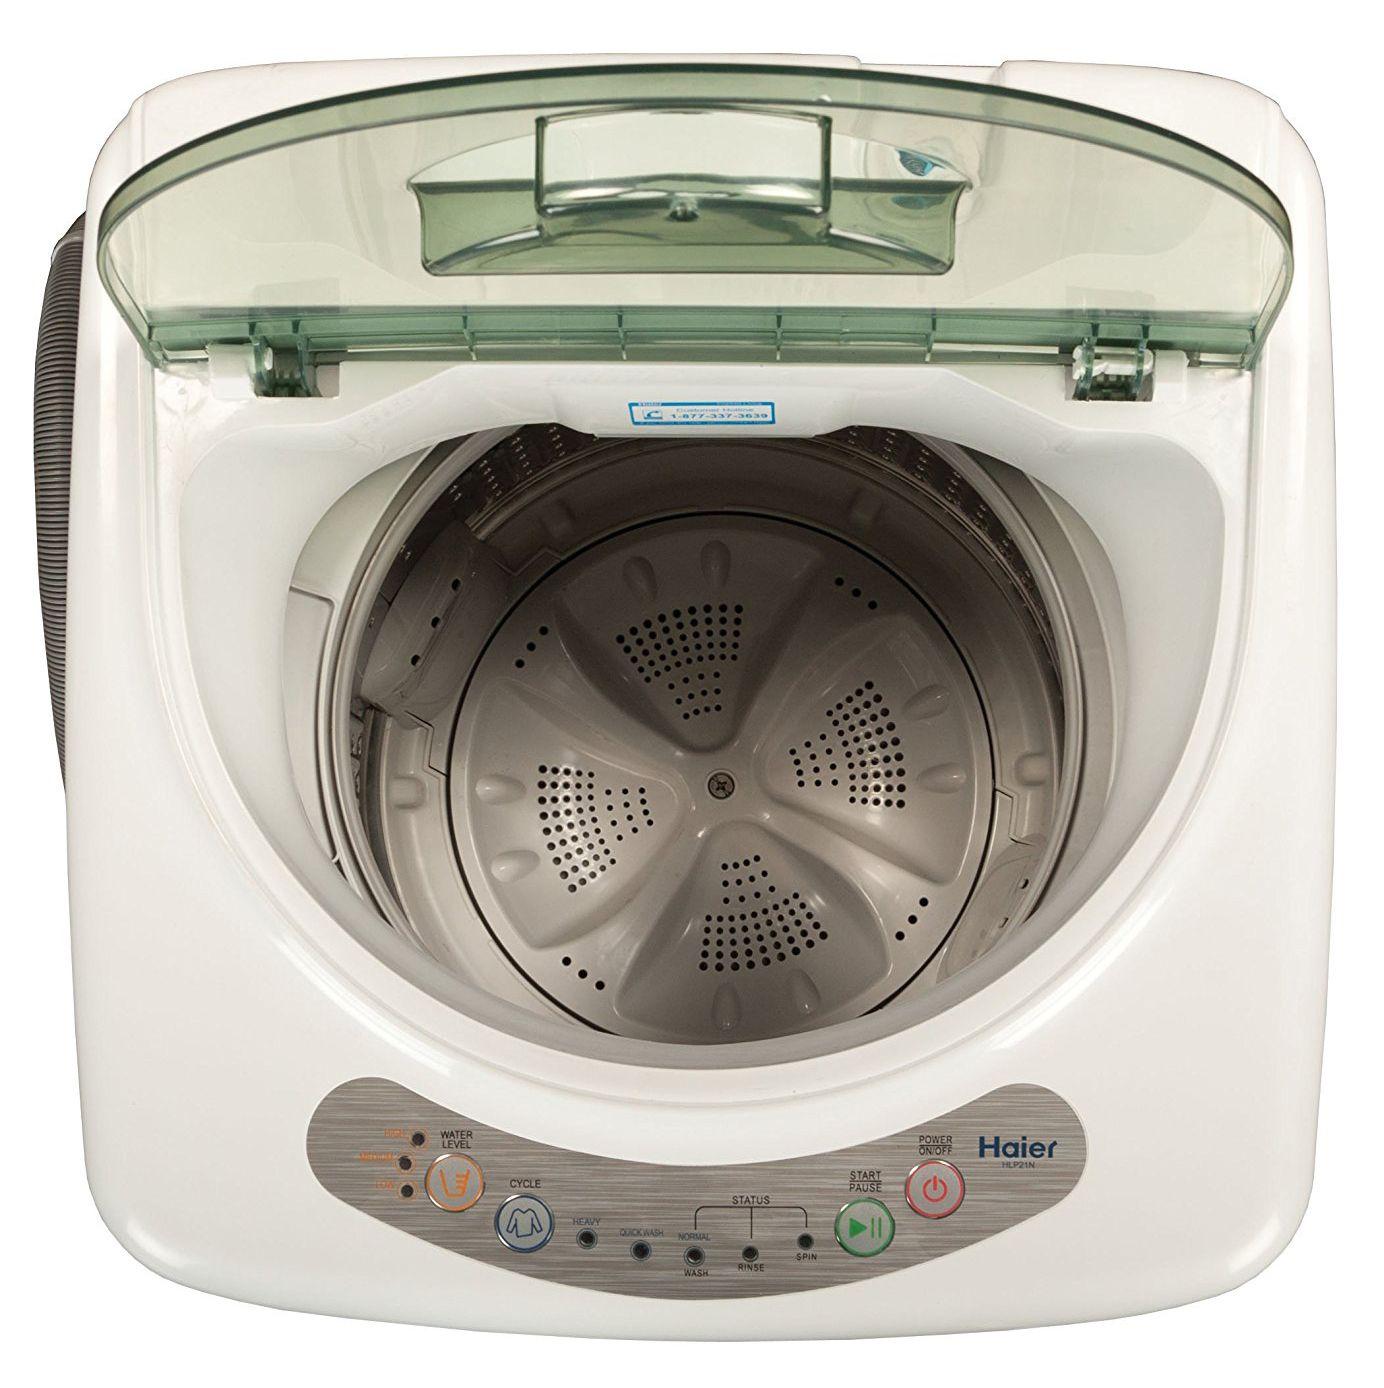 Haier HLP21N Washer Buy NoW Haier HLP21N Reviews Best ...